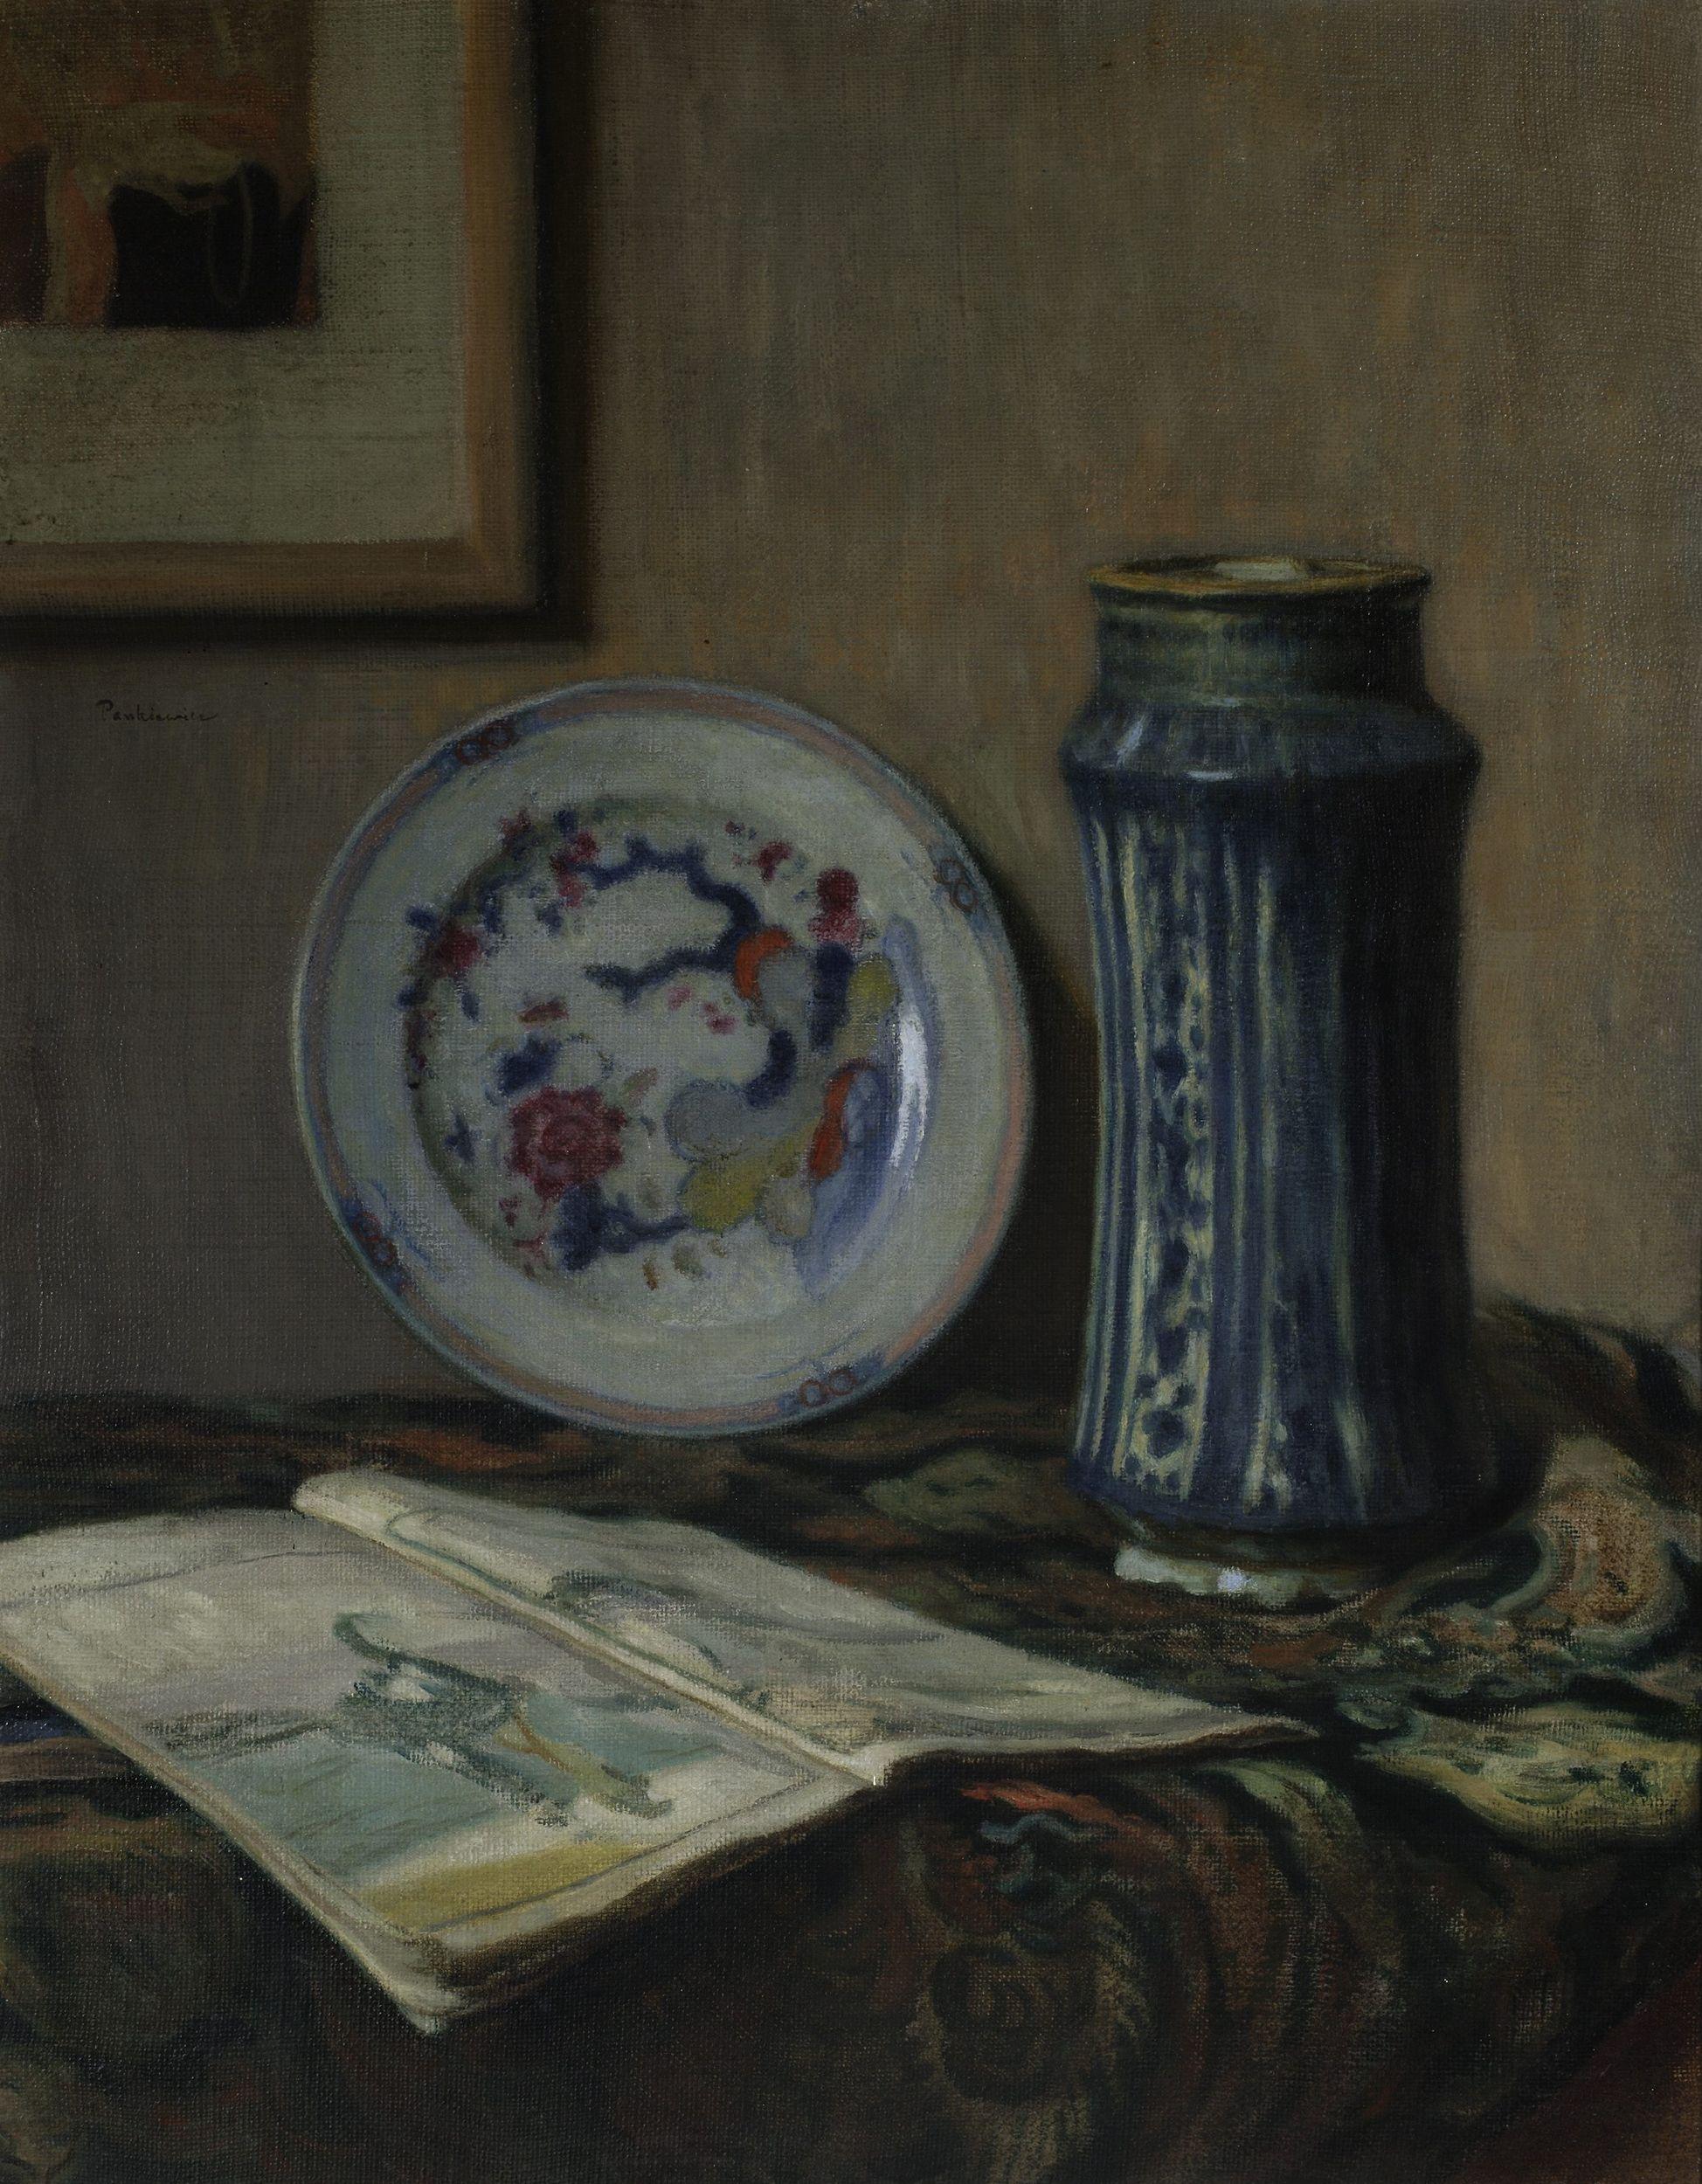 """Józef Pankiewicz (1866-1940) """"Martwa natura z błękitnym wazonem"""", 1907 rok, źródło: Muzeum Narodowe w Warszawie"""